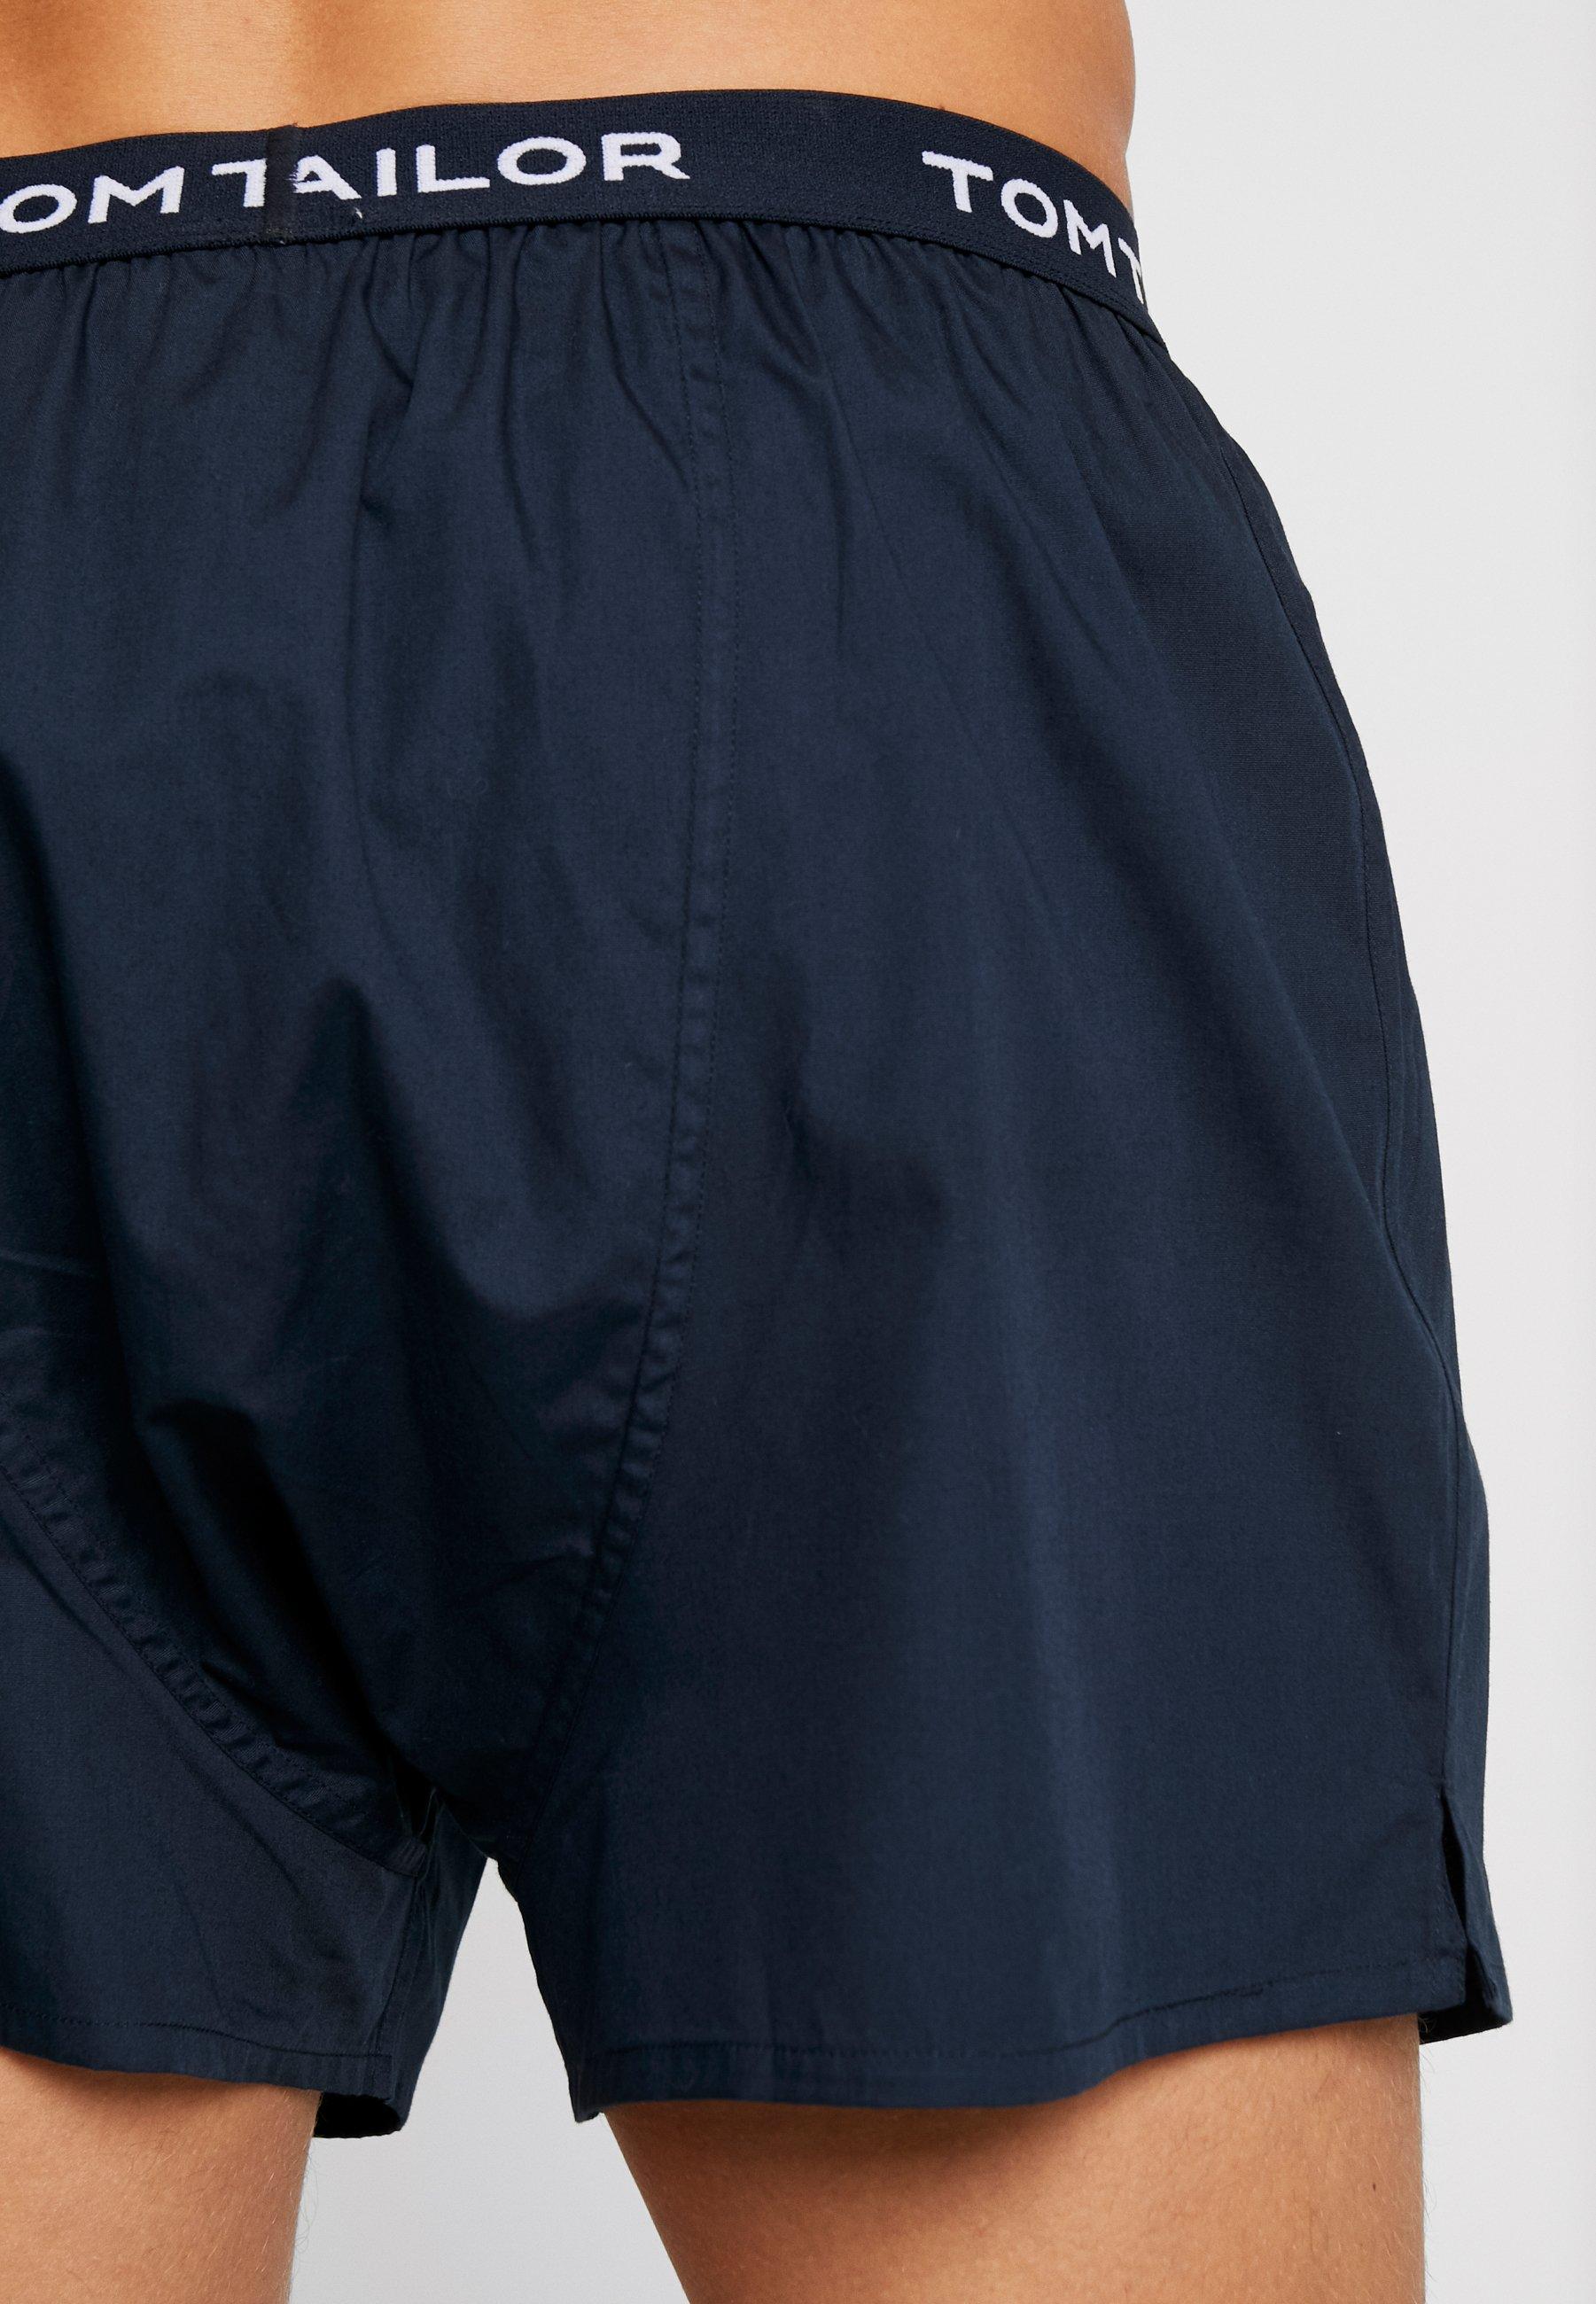 PackCaleçon Blue Tom Tailor 3 3 Tom Tailor uTKl135cFJ